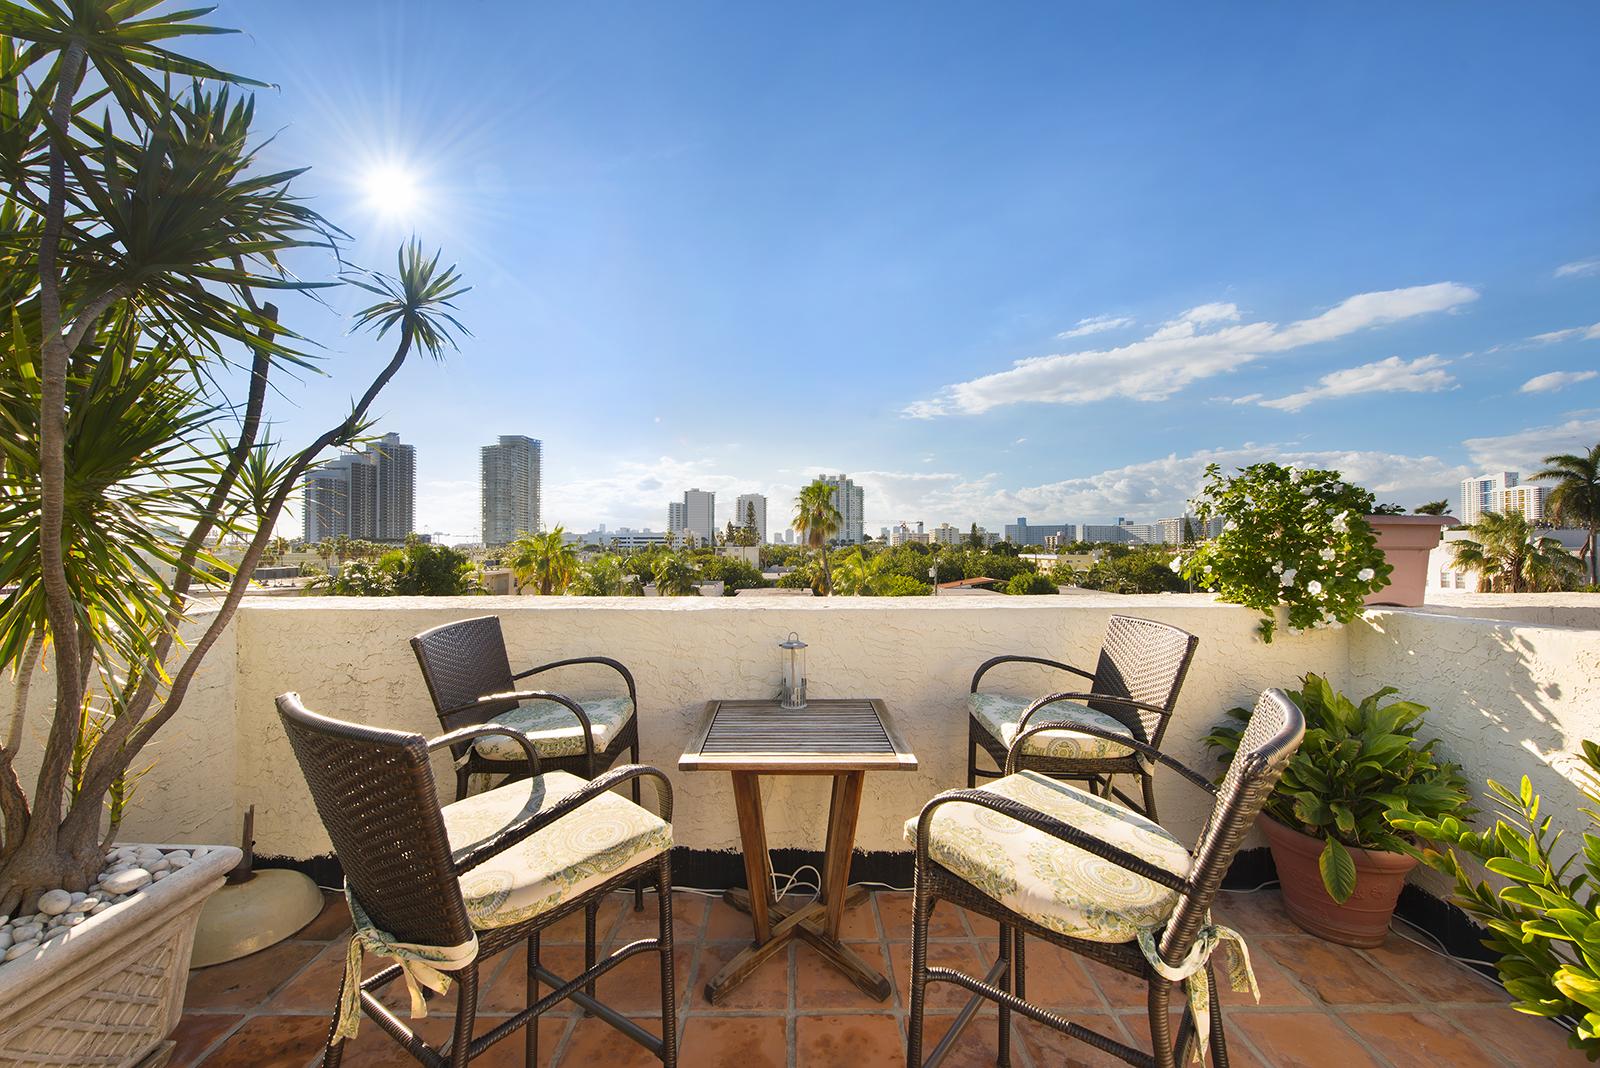 Villas at South Beach #222-17.jpg